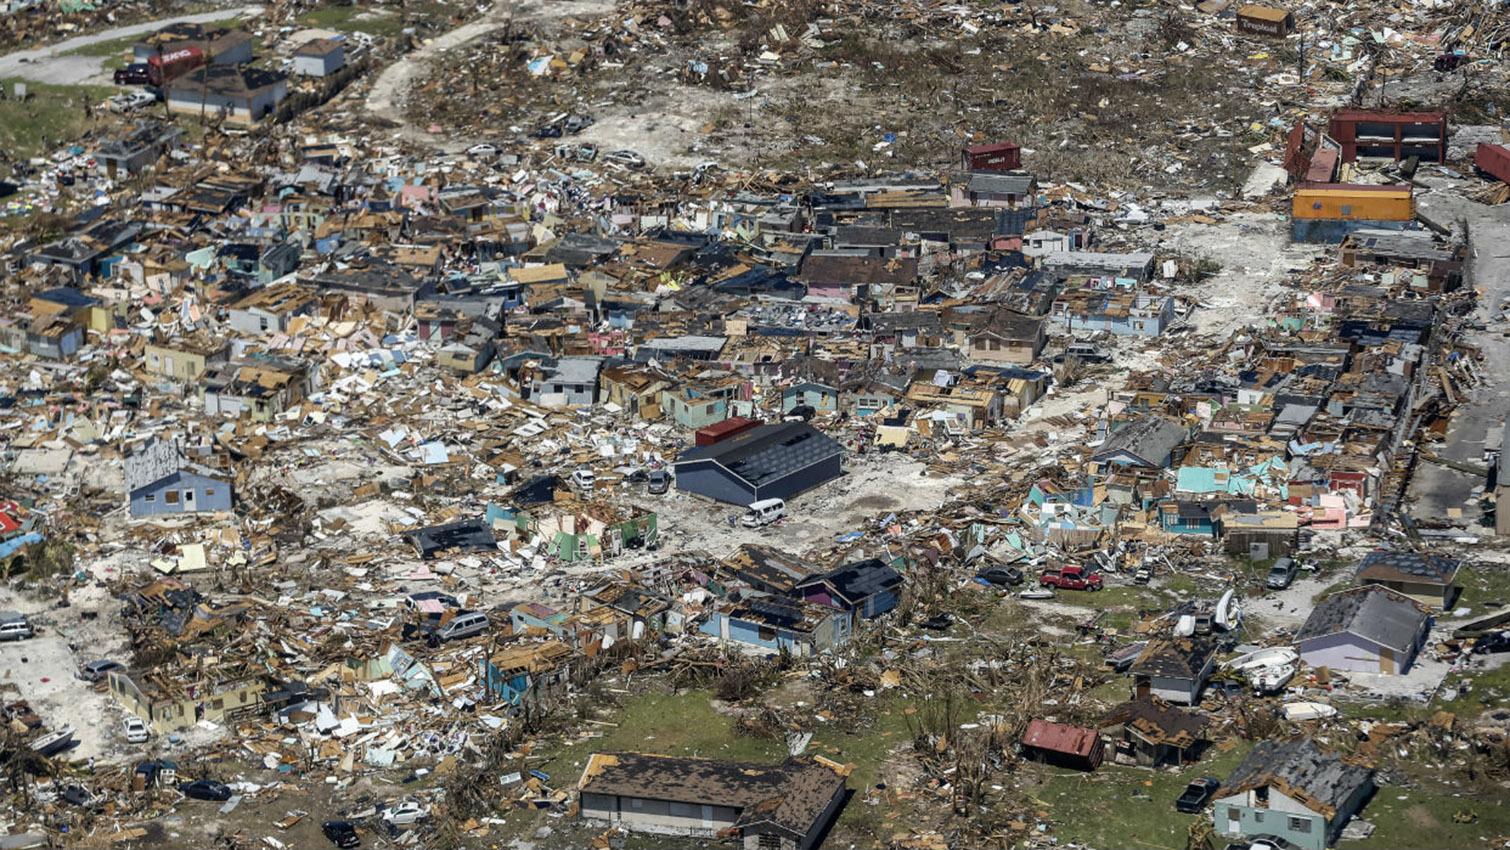 Dorian deja al menos 50 muertos en Bahamas, según último informe